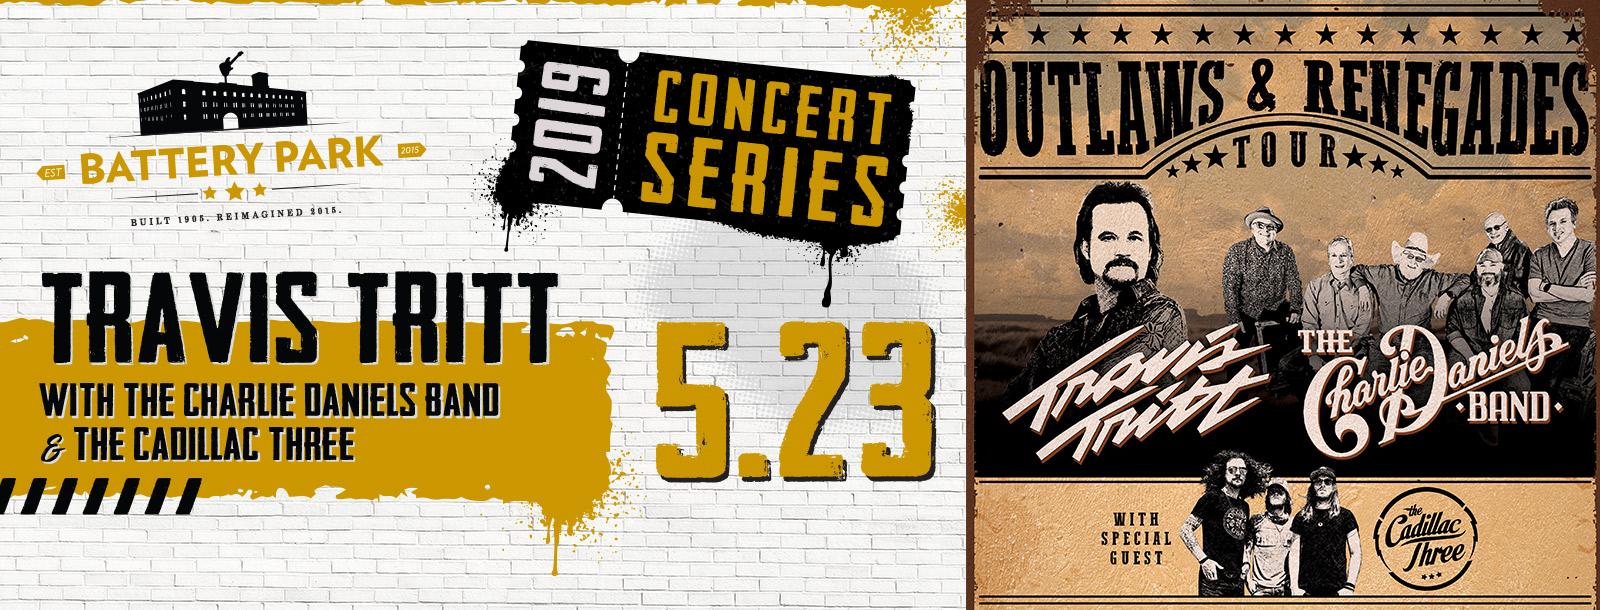 travis tritt battery park sioux city concerts